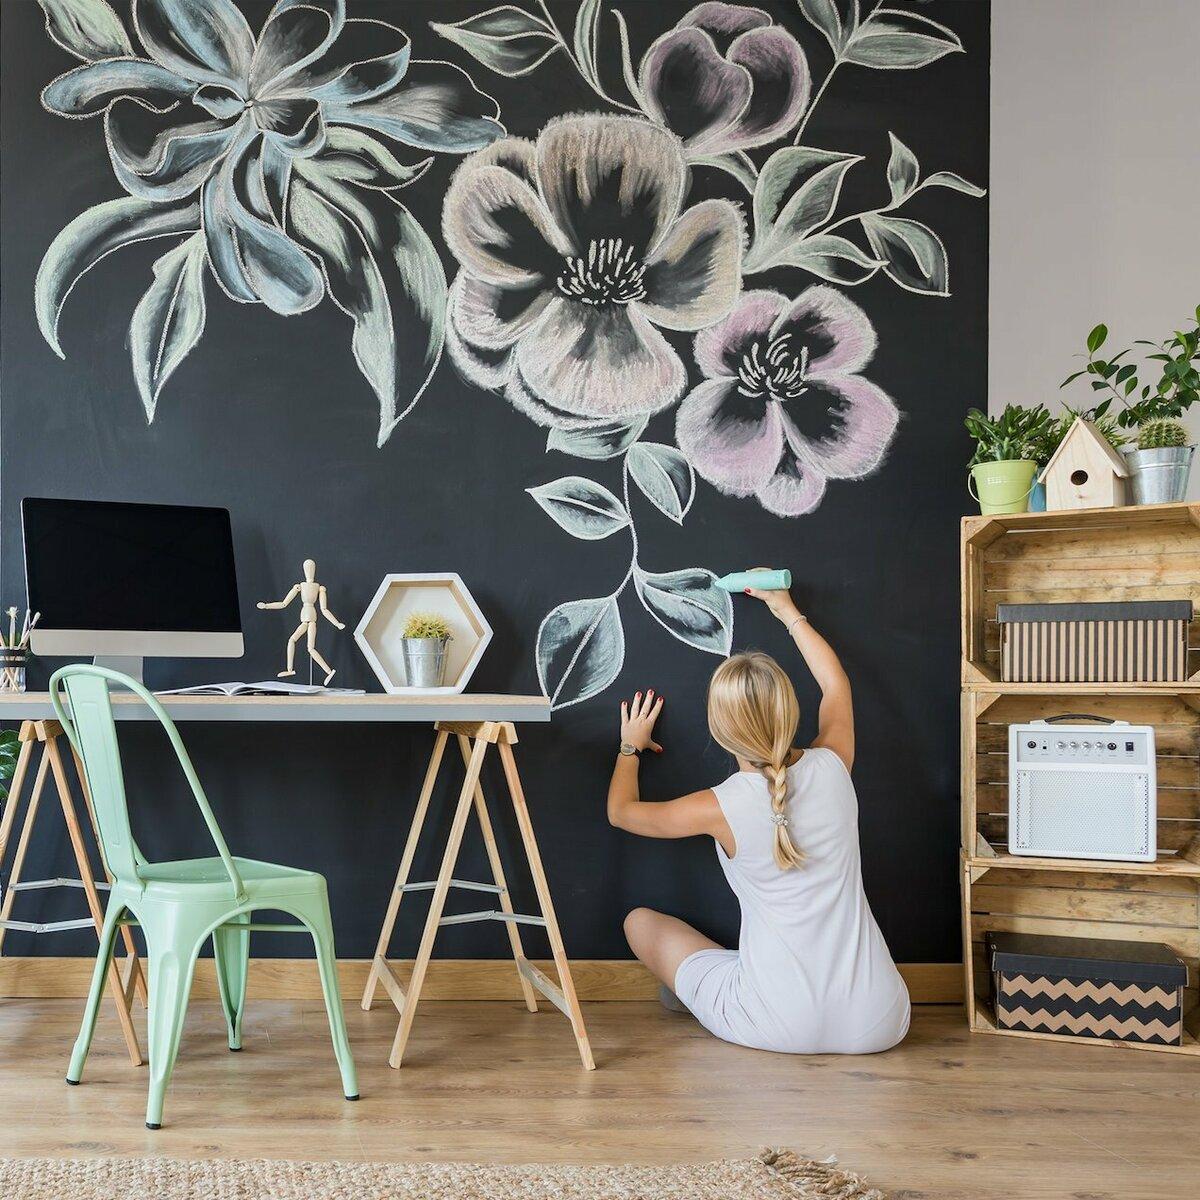 Рисунки на стенах в квартире фото идеи